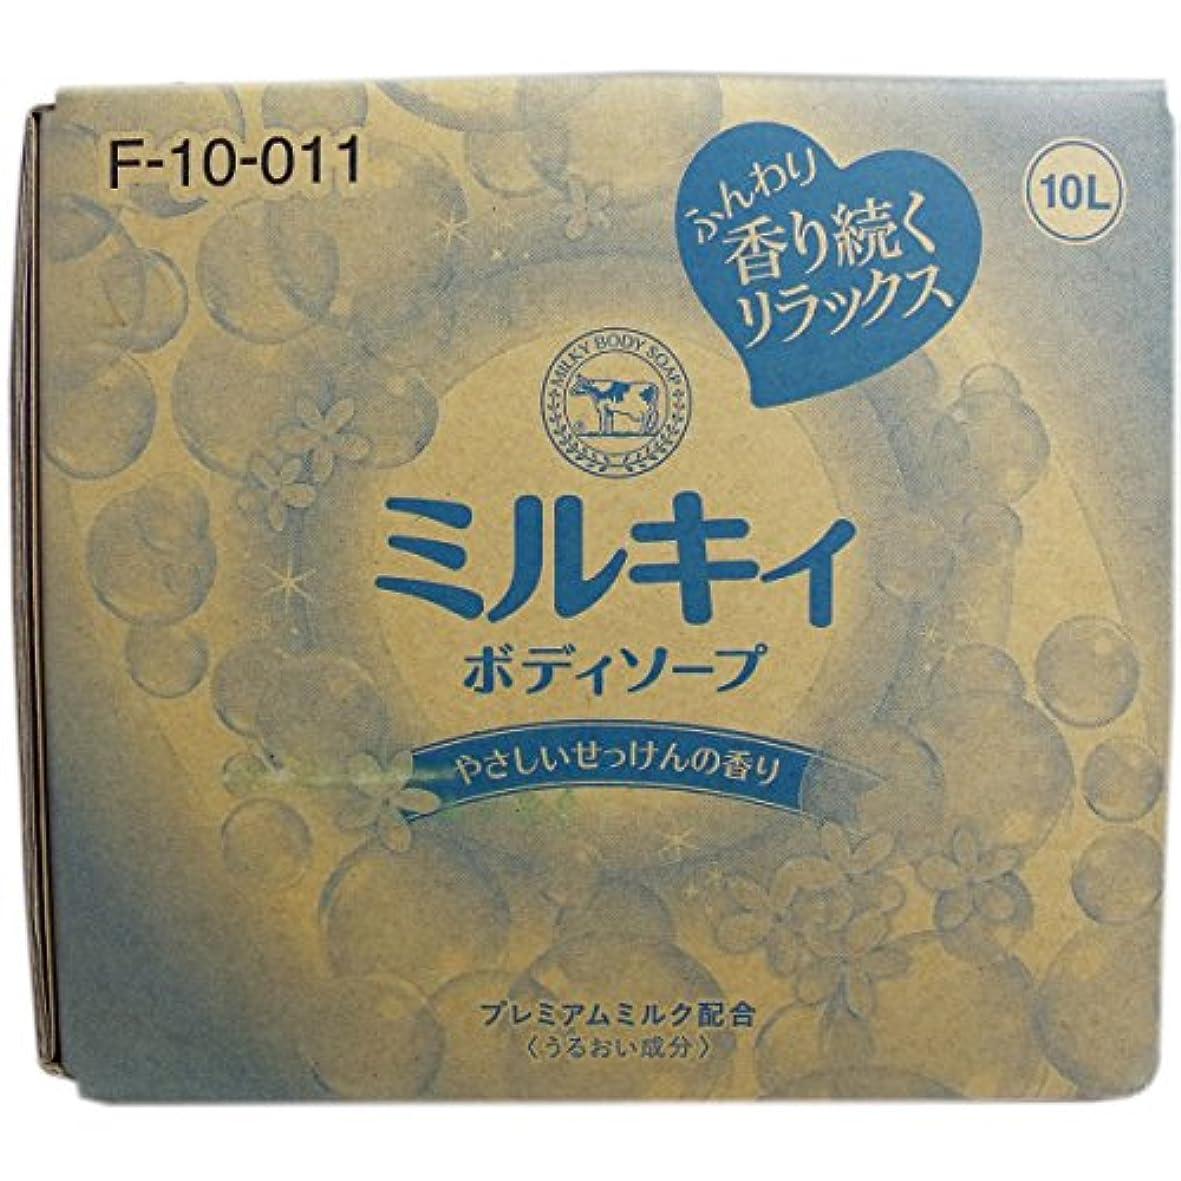 に慣れストレンジャーケイ素ミルキィ ボディソープ やさしいせっけんの香り 業務用 10L